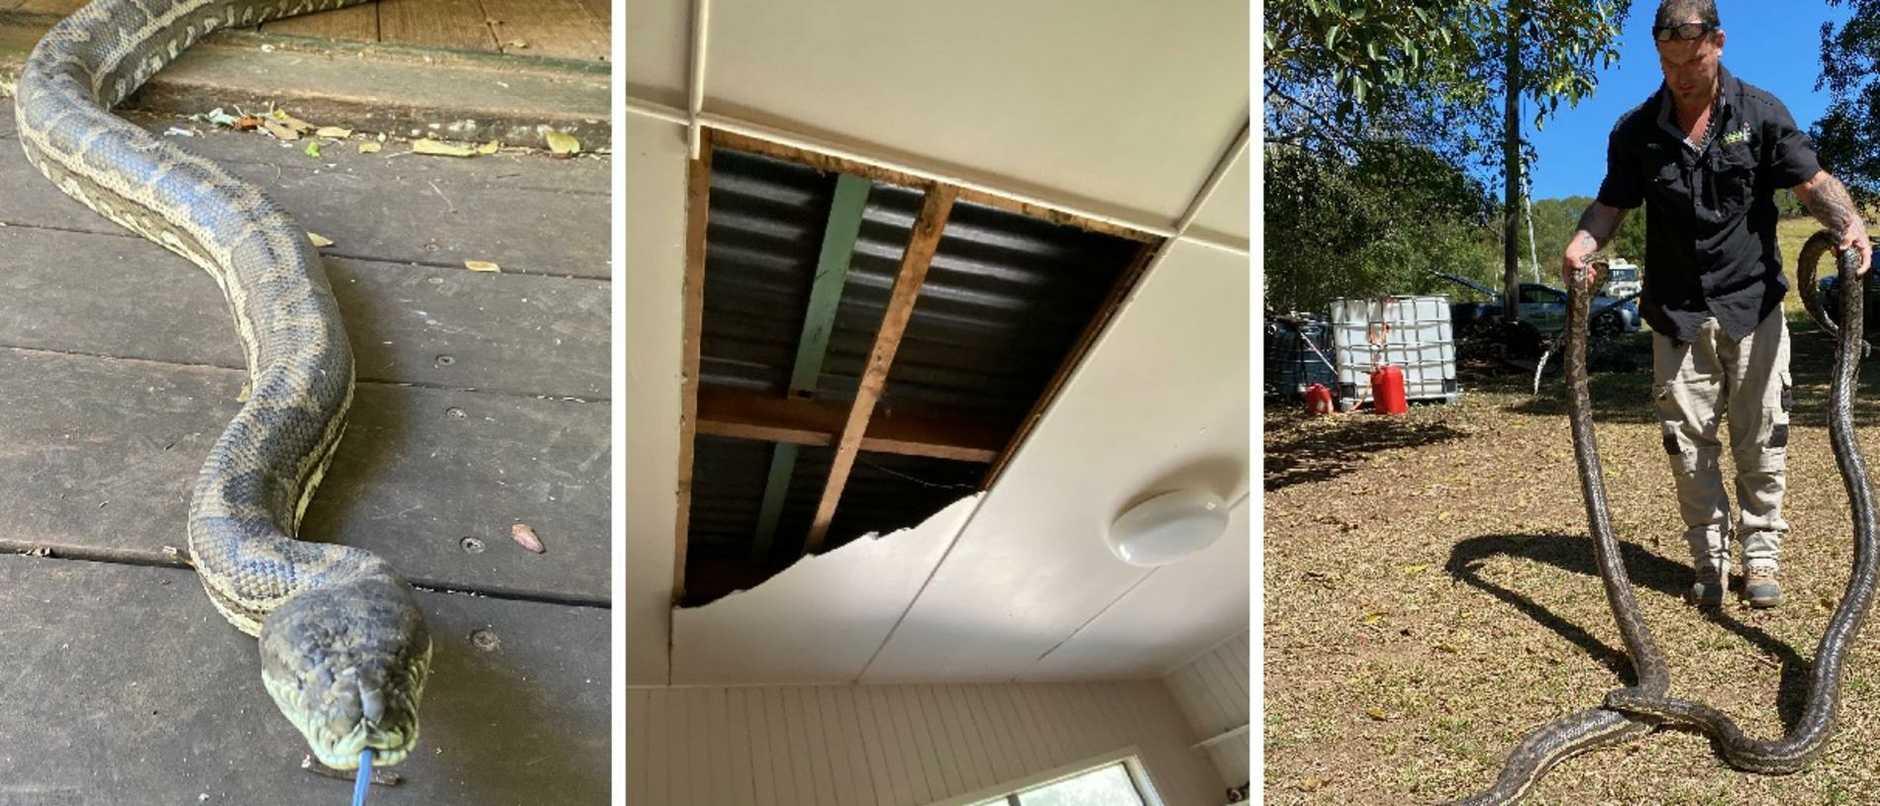 Snakes crash through a kitchen ceiling at Dayboro